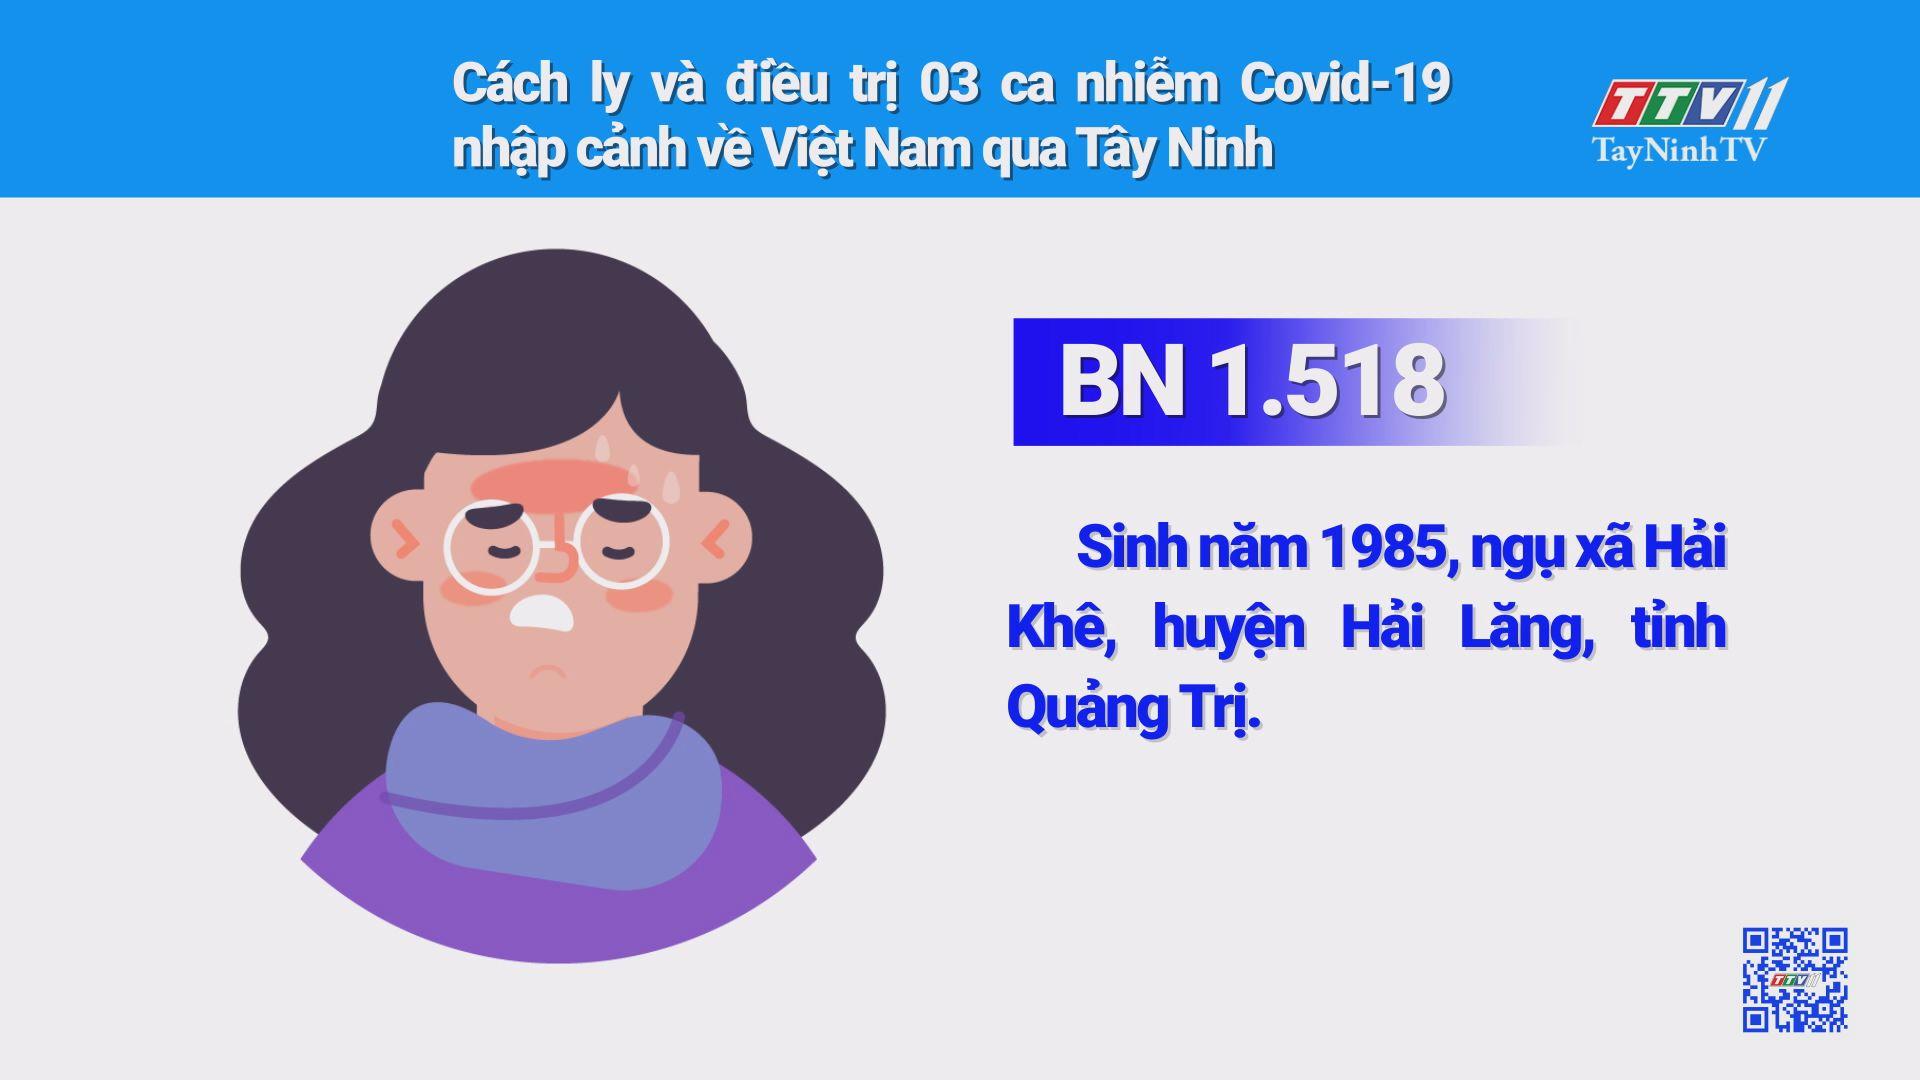 Cách ly và điều trị 03 ca nhiễm Covid-19 nhập cảnh về Việt Nam qua Tây Ninh | THÔNG TIN DỊCH CÚM COVID-19 | TayNinhTV